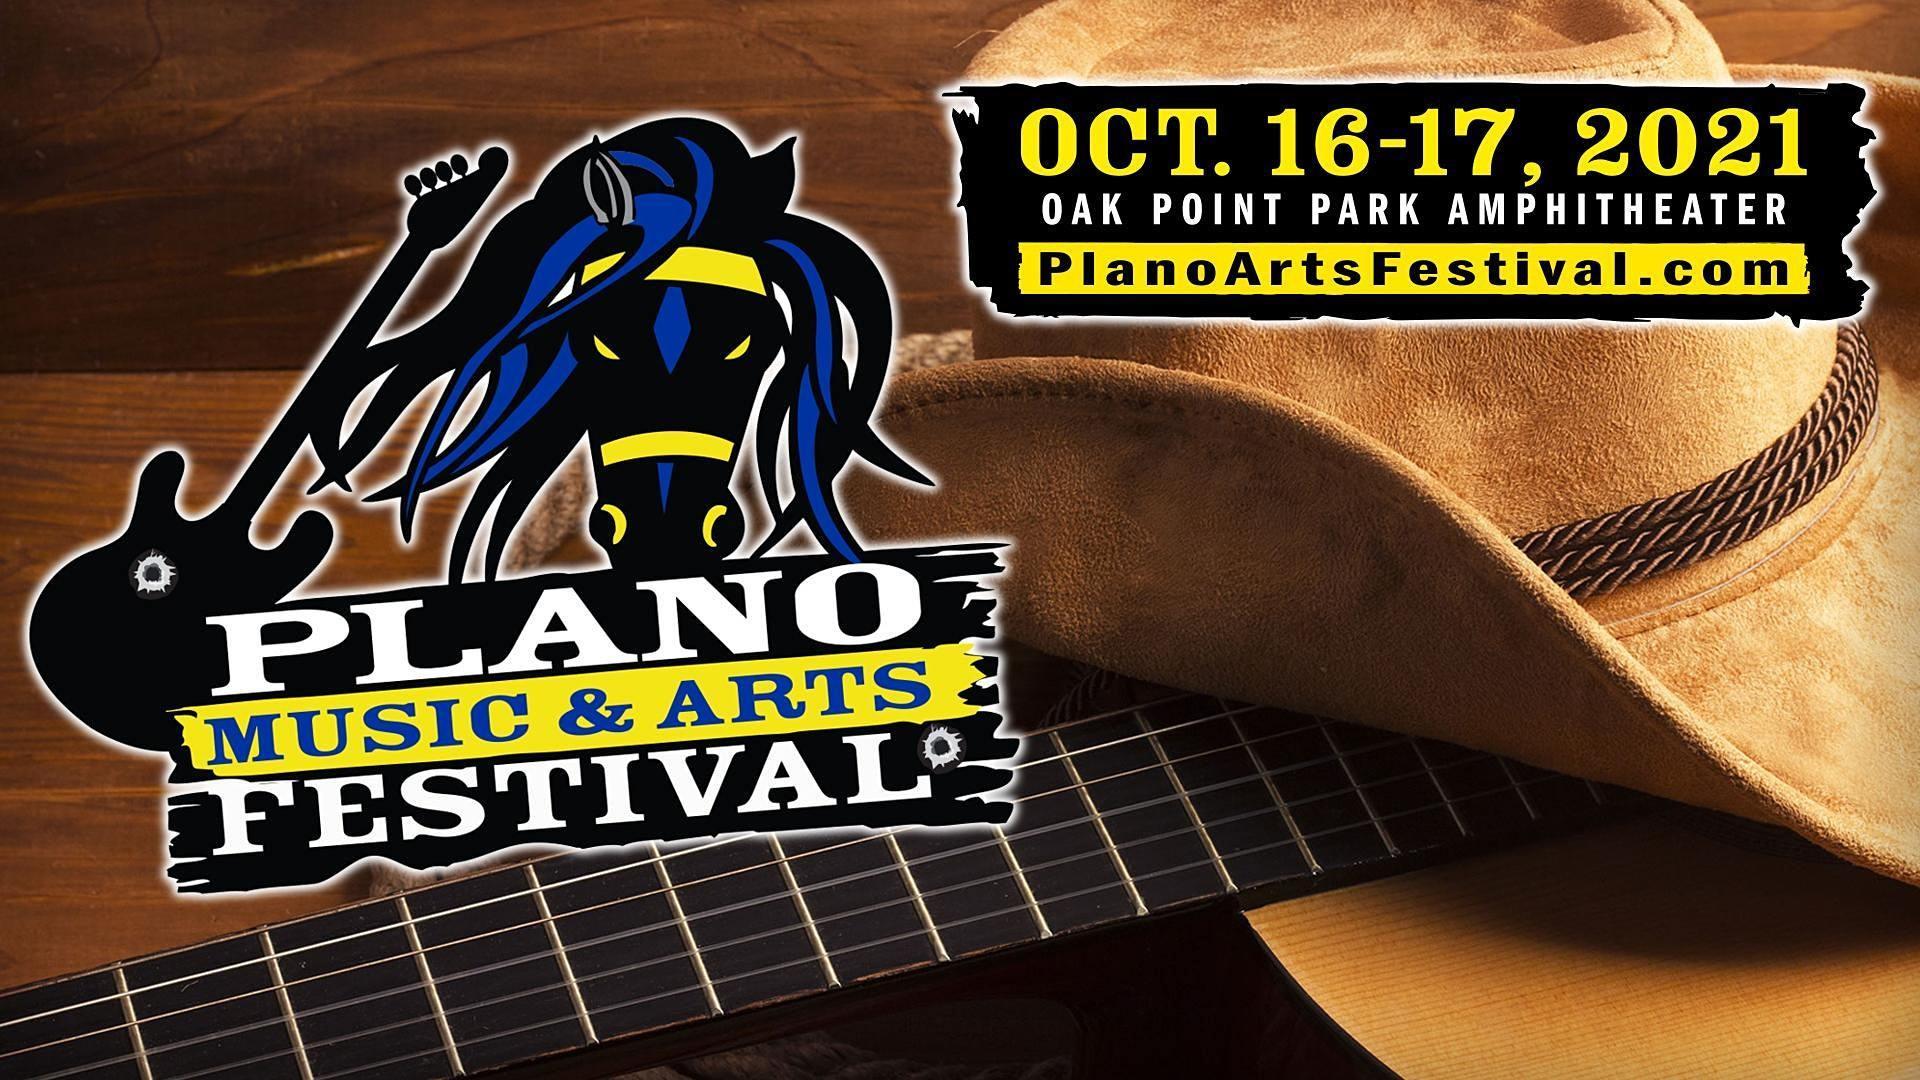 Plano Music & Arts Festival